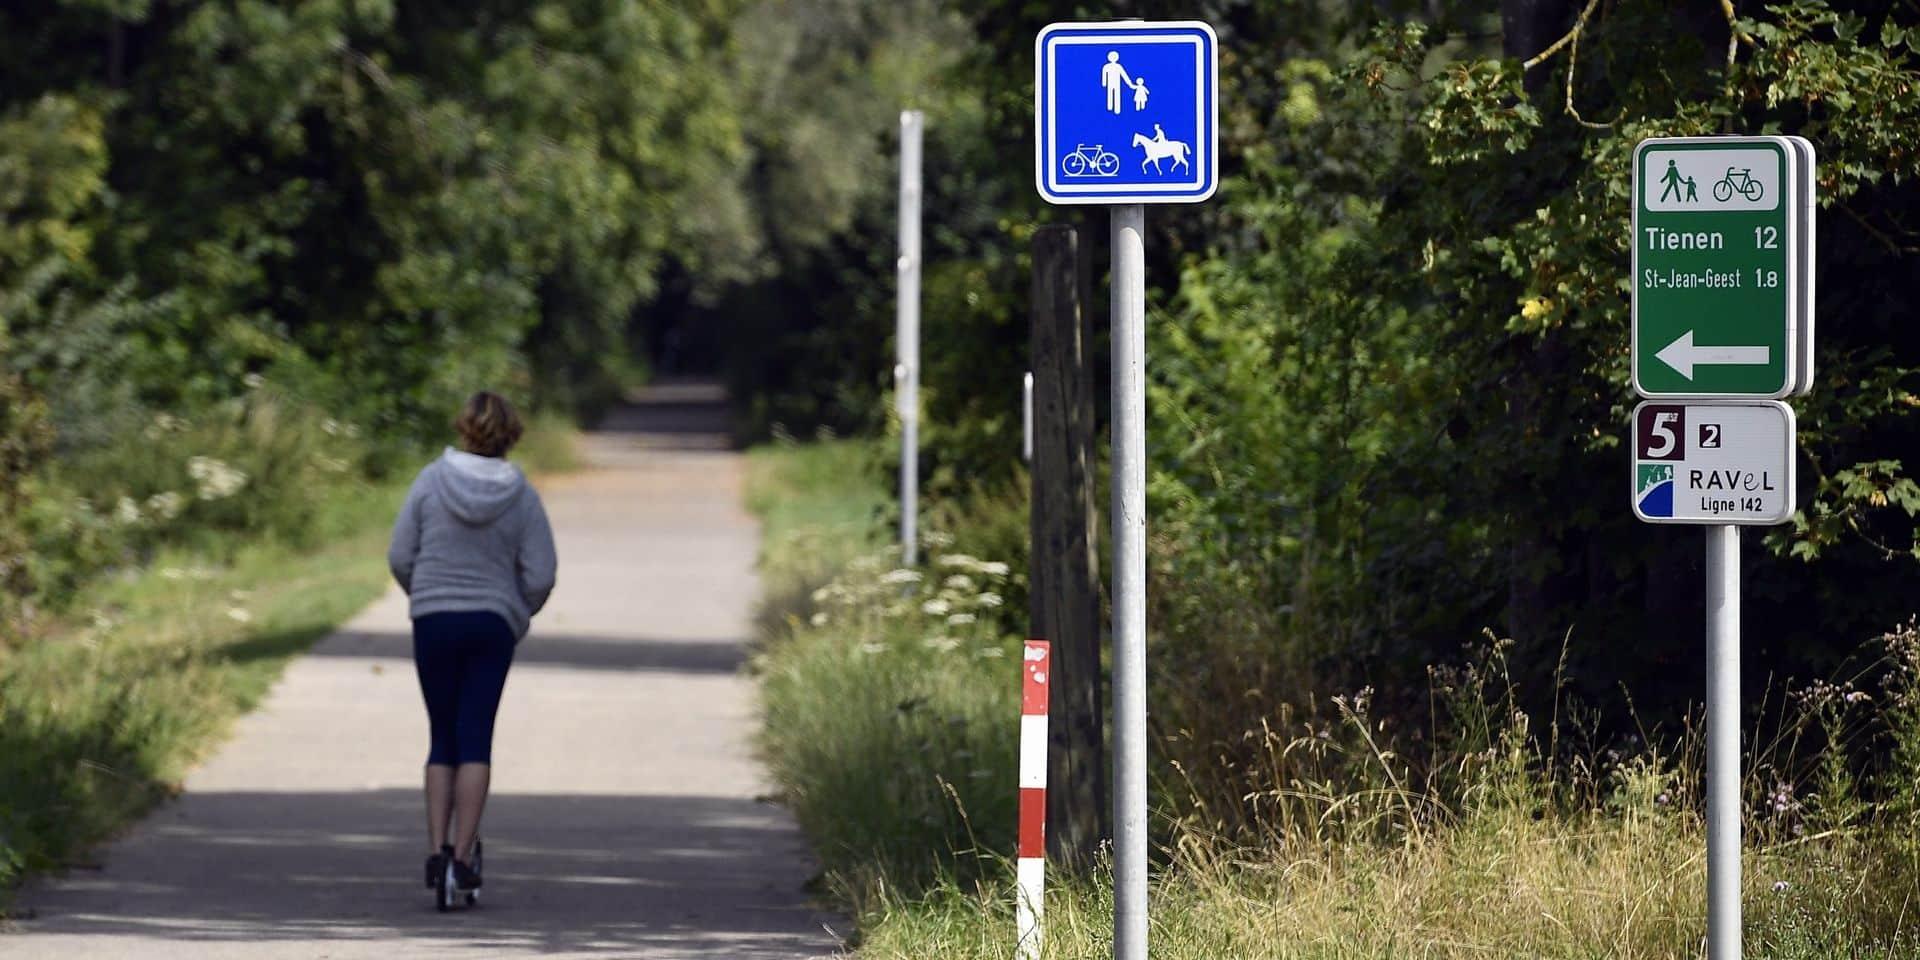 Plus de Ravel, plus de bus mais pas plus d'autoroutes: comment le visage de la mobilité en Wallonie devrait changer en 5 ans